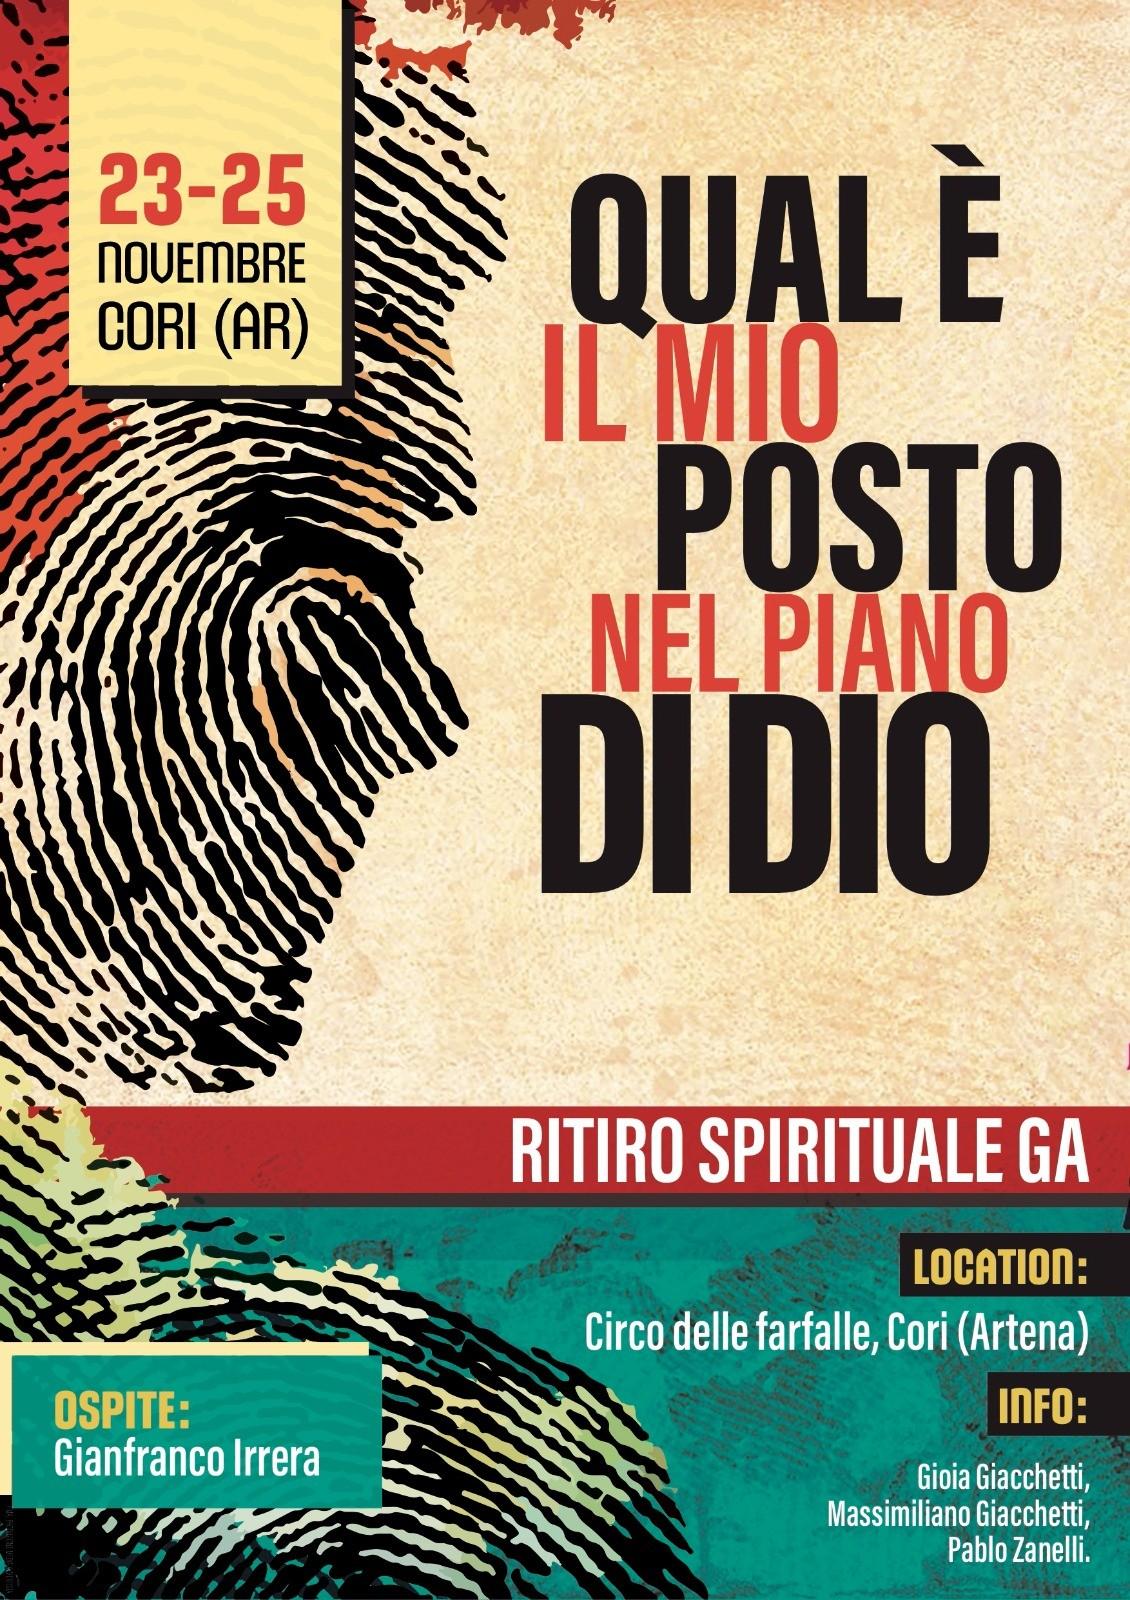 Ritiro spirituale dei giovani: 23-25 novembre